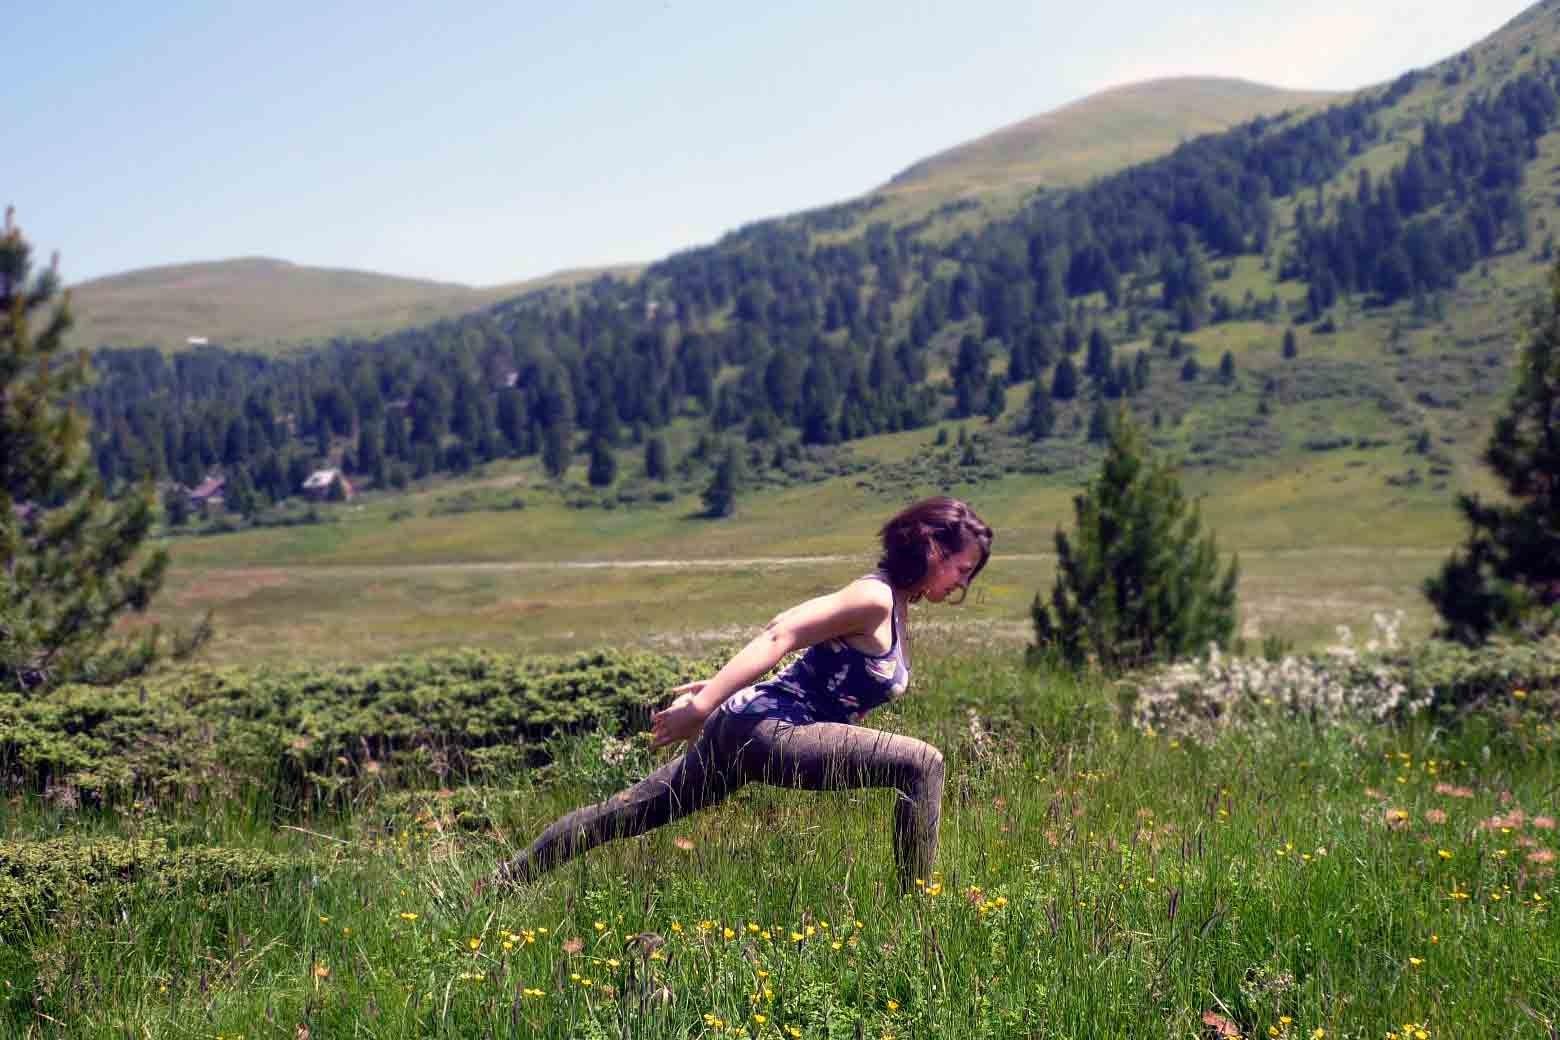 EINATEM: Arme eng am Körper nach hinten, Brustbein vor. Füße, Beine & Becken kraftvoll.